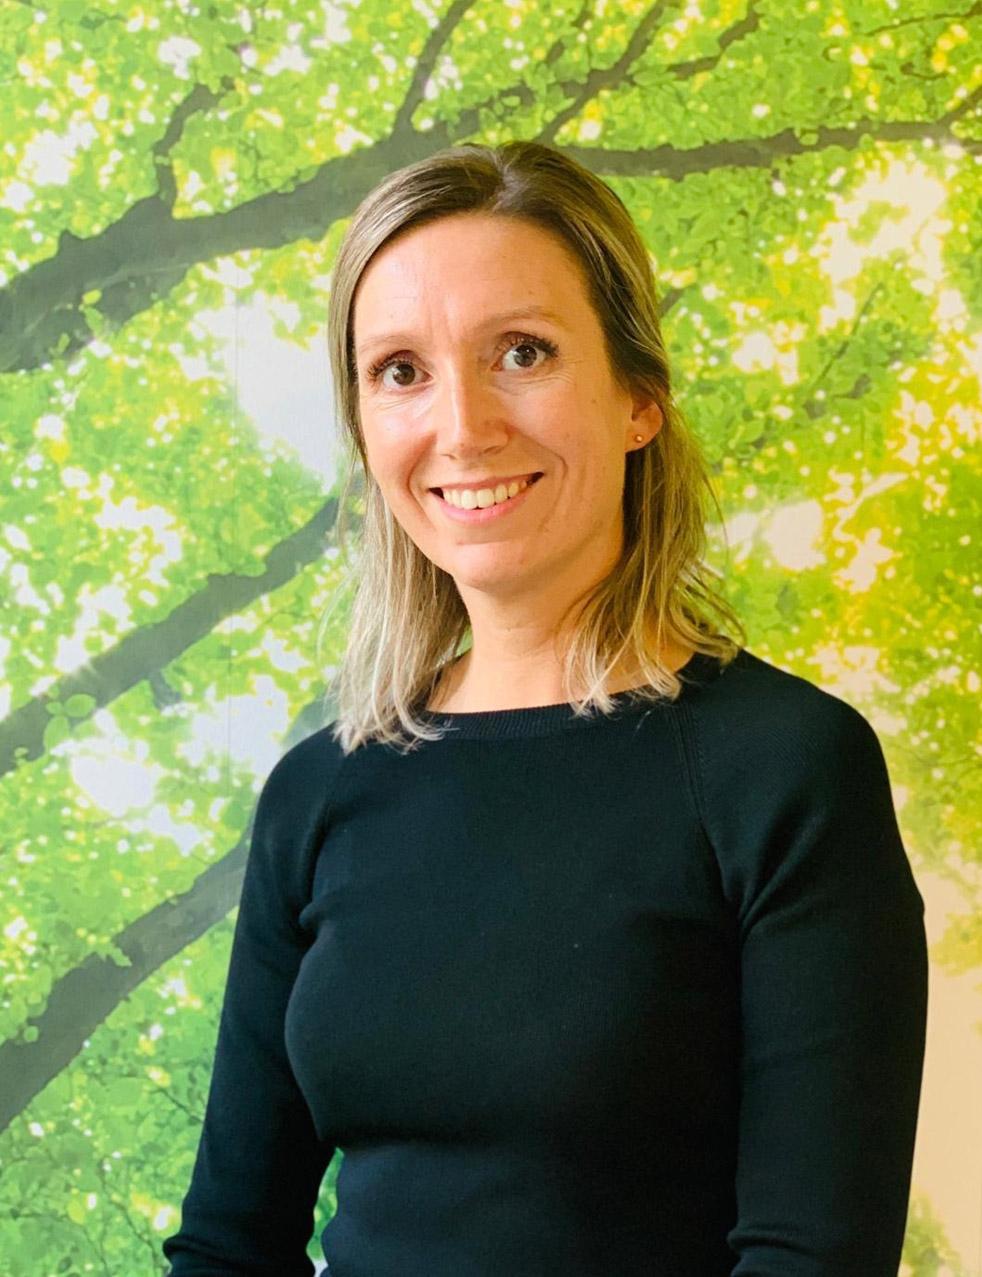 Jenny Joosten